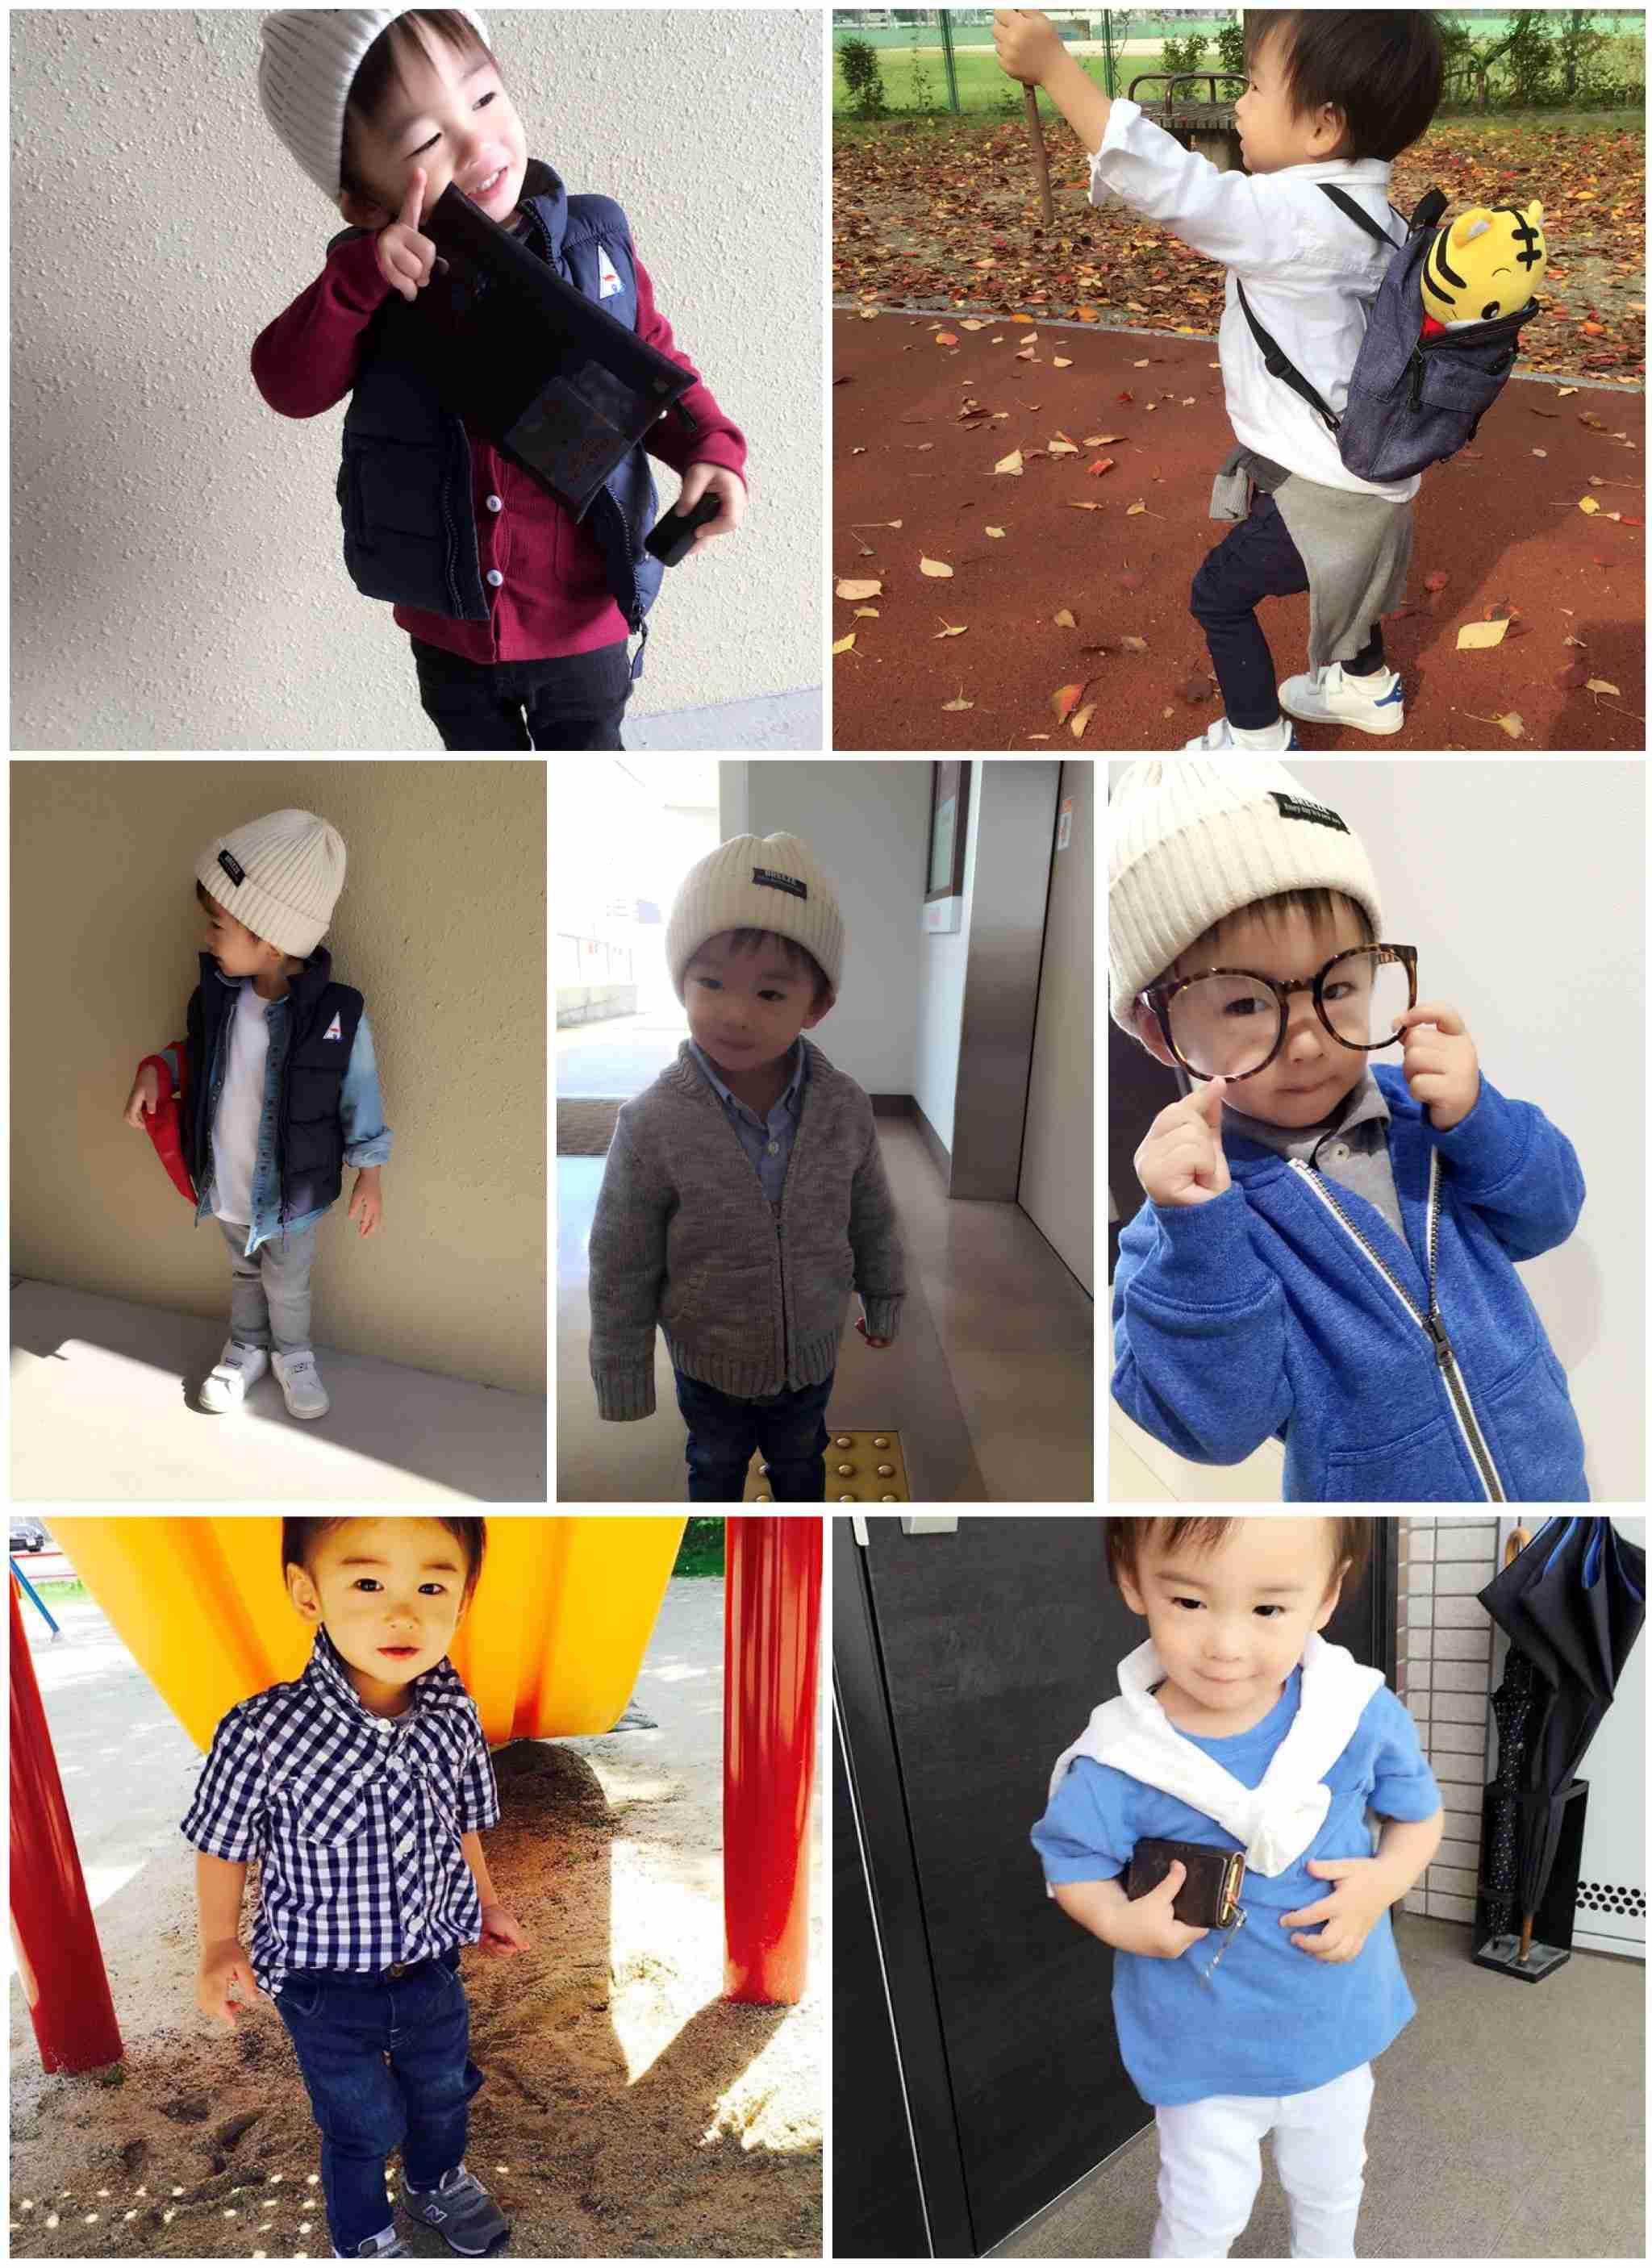 【幼児以上】男の子のファッション【中学生未満】